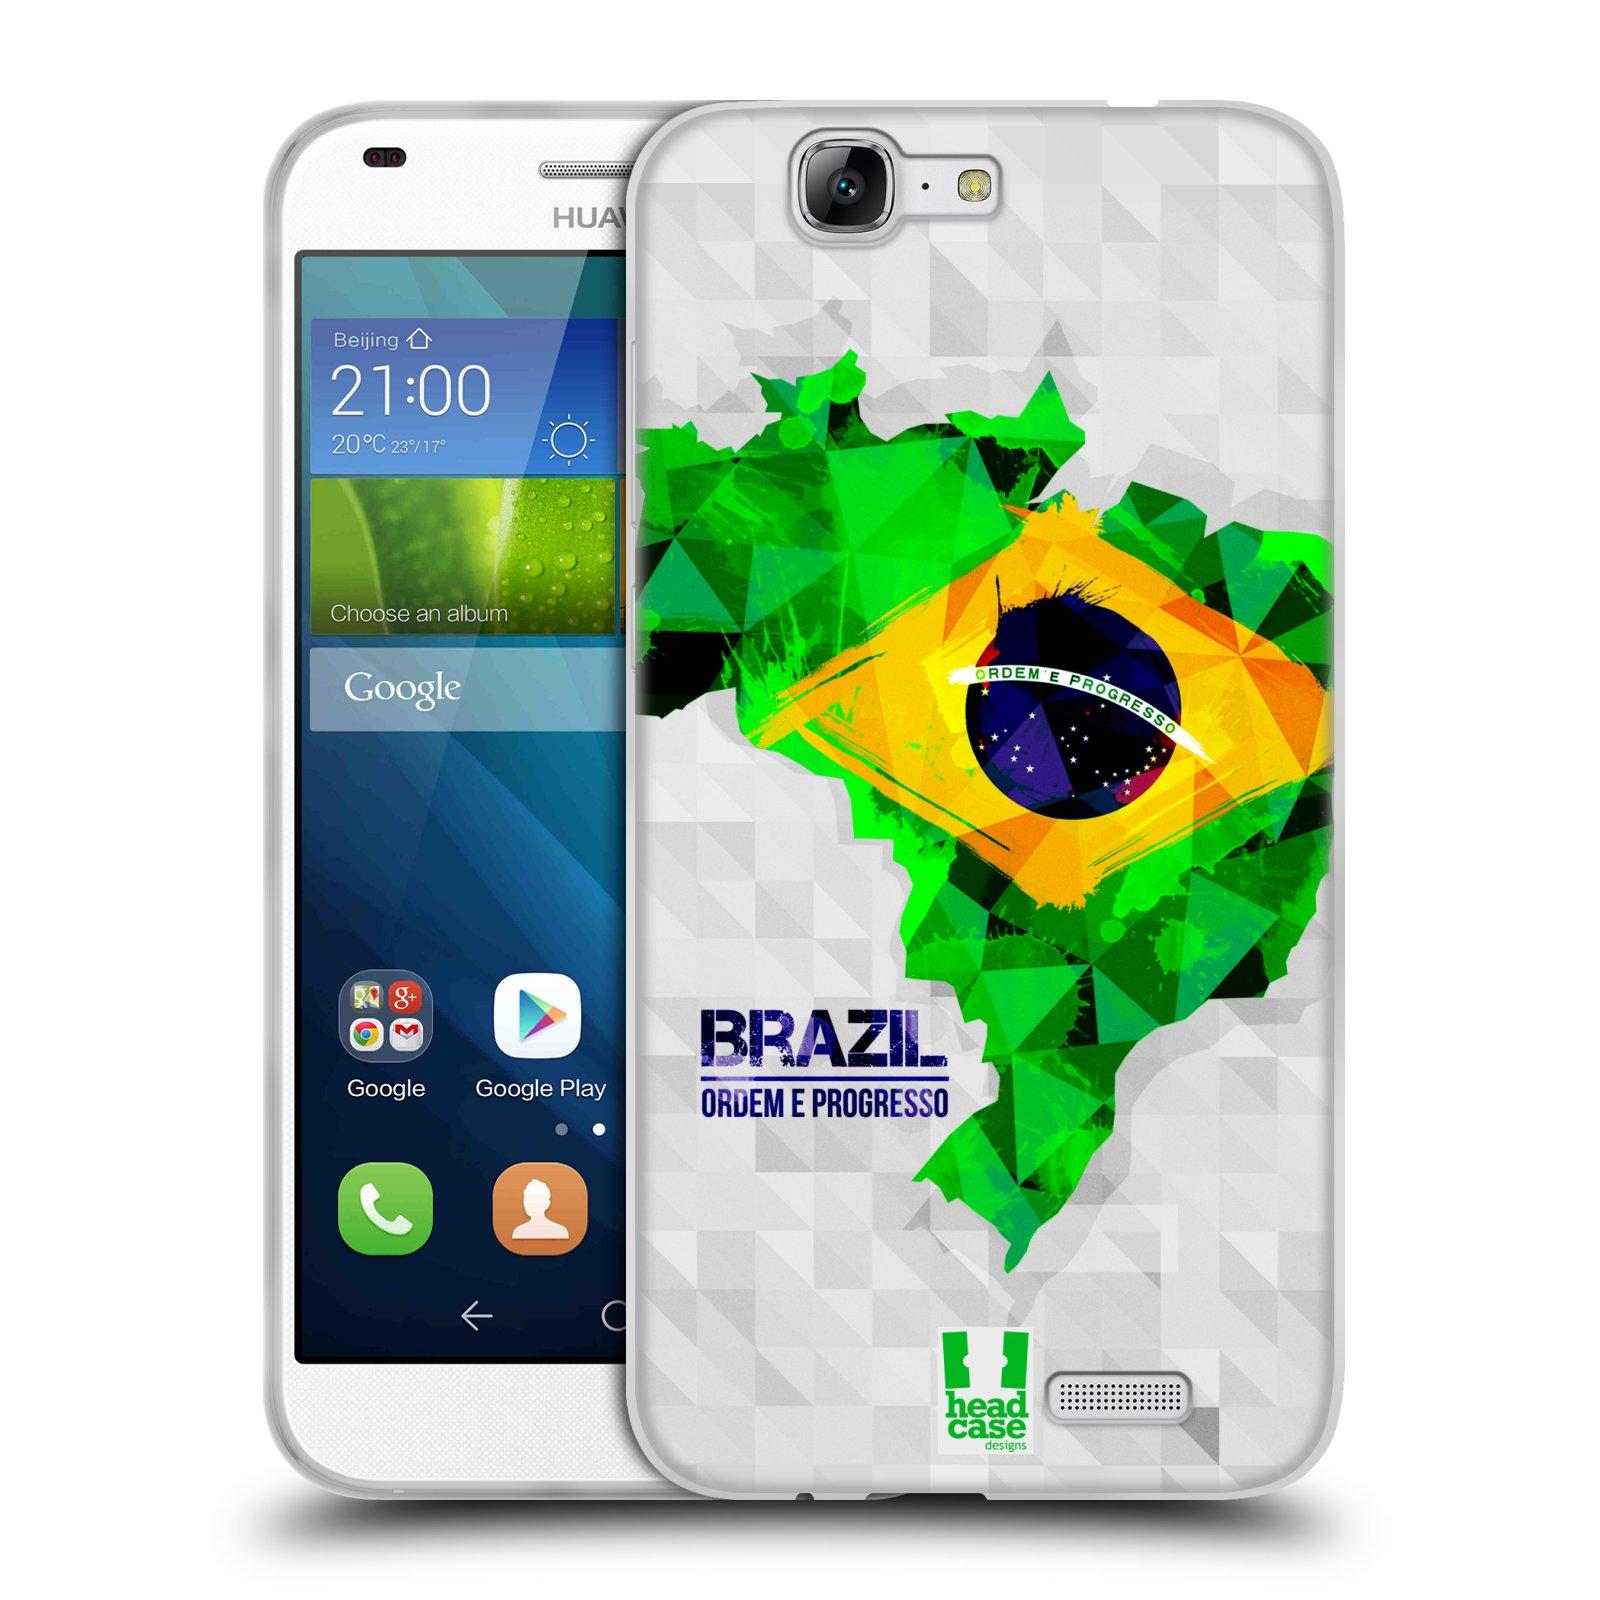 Silikonové pouzdro na mobil Huawei Ascend G7 HEAD CASE GEOMAPA BRAZÍLIE (Silikonový kryt či obal na mobilní telefon Huawei Ascend G7)